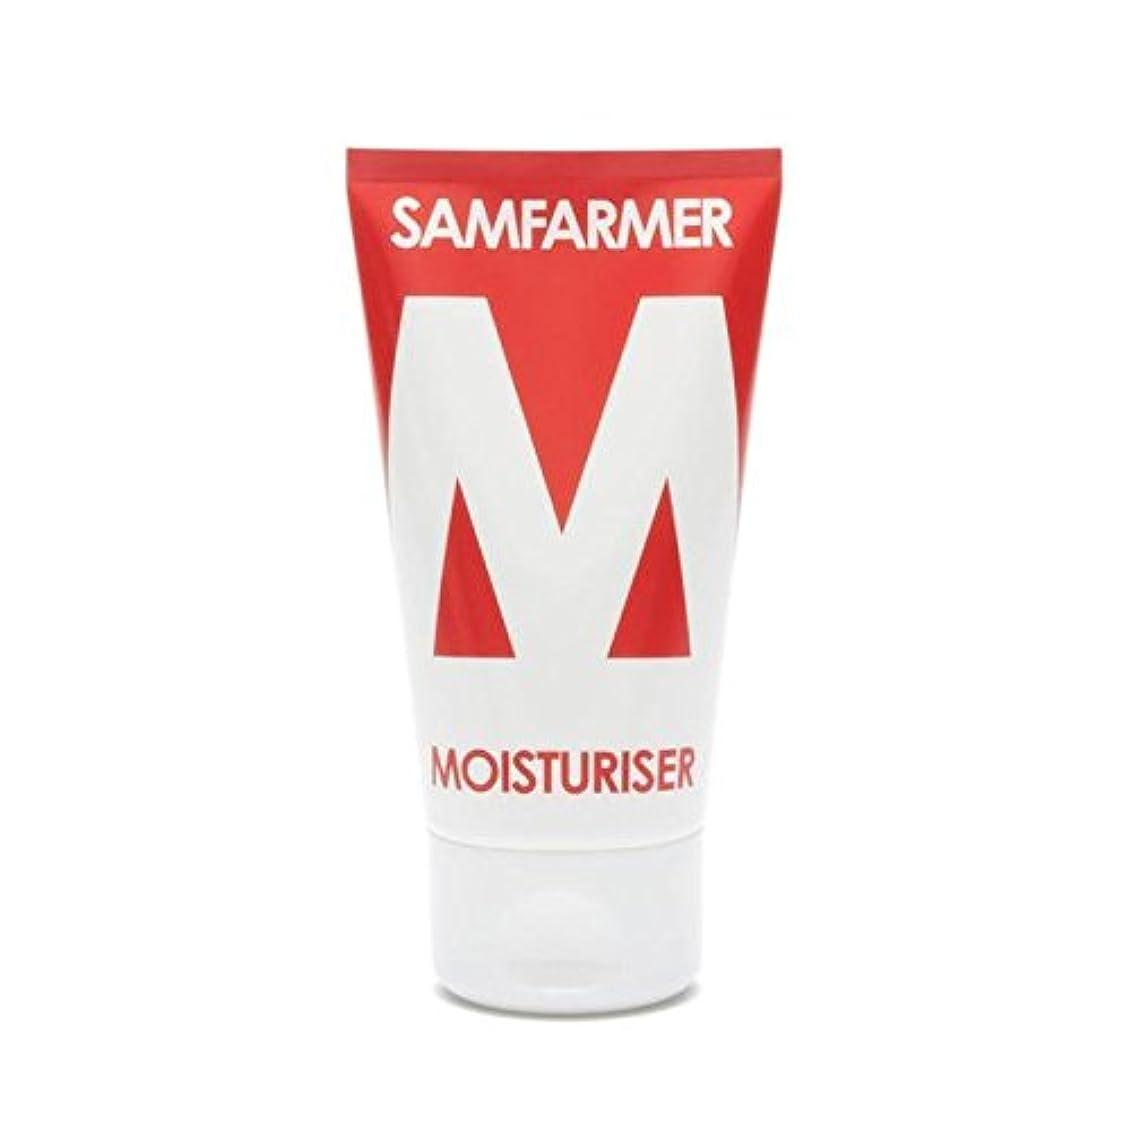 保存する無法者品種ユニセックス保湿50ミリリットル x4 - SAMFARMER Unisex Moisturiser 50ml (Pack of 4) [並行輸入品]